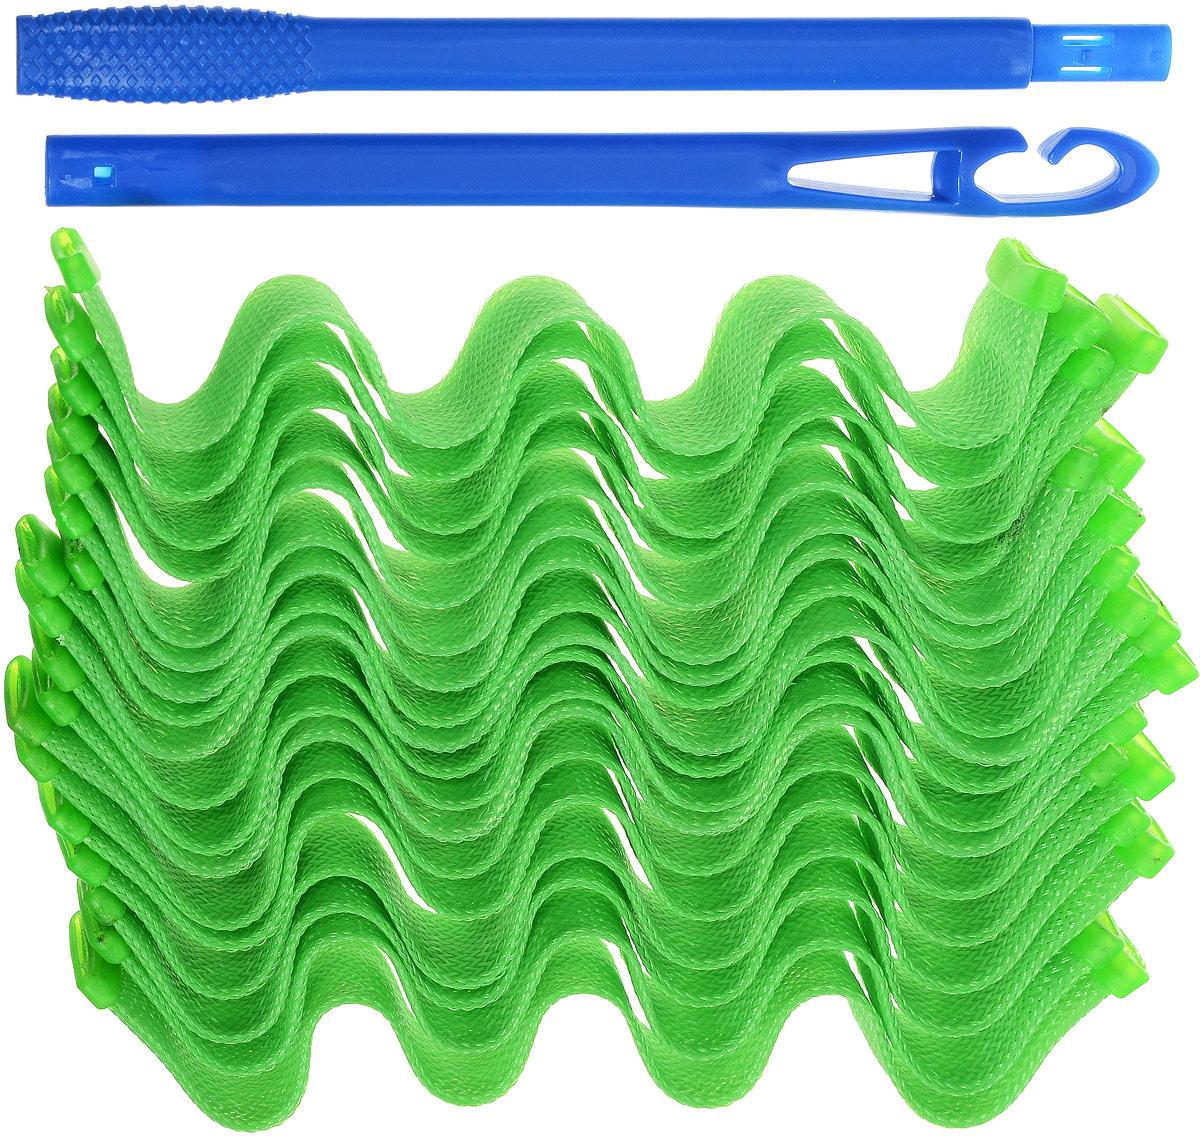 Magic Leverage Волшебные бигуди Волна, цвет: зеленый, 30 см, 18 шт